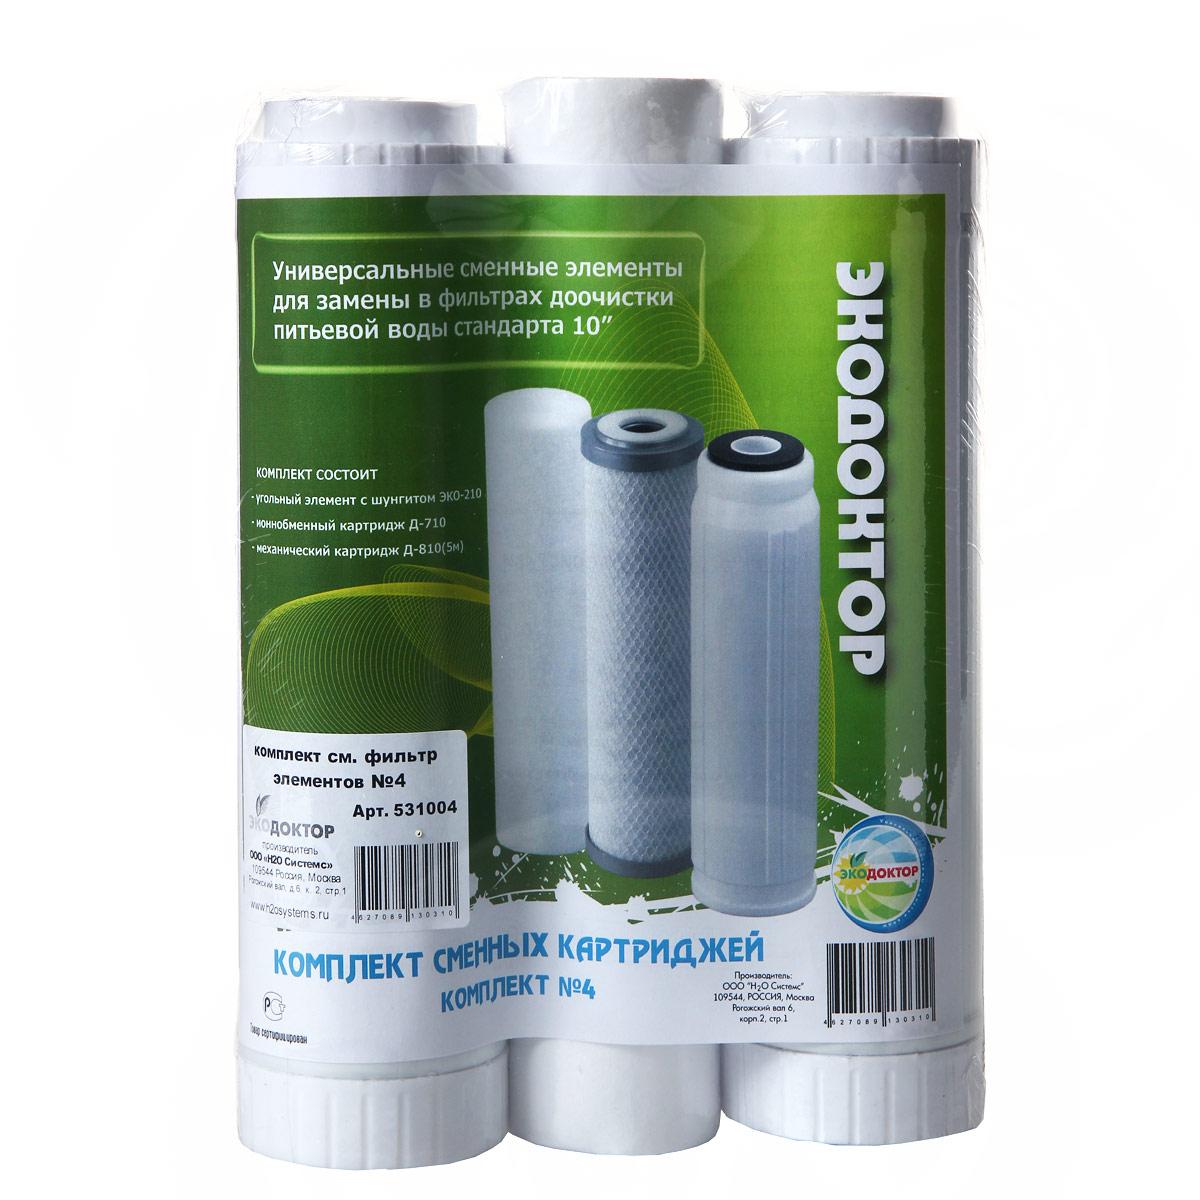 Комплект картриджей ЭкоДоктор №4531004Комплект картриджей ЭкоДоктор №4 предназначен для замены исчерпавших свой ресурс картриджей в стационарных трехступенчатых фильтрах. Состав комплекта: Д-810(5М) – Картридж состоит из полипропиленового волокна для задержки механических частиц в воде; ЭКО-210 – Картридж состоит из из высококачественного активированного угля и шунгита. Предназначен для удаления из воды: органических соединений 80%, хлора 90%, катионов тяжелых металлов 70%. Улучшает вкус воды и удаляет неприятный запах воды. Д-710 – Умягчающий воду картридж с ионообменной смолой. Эффективность очистки: соли жесткости: 70%; взвешенные примеси: 95%; остаточный хлор: 90%; органические соединения: 93%; катионы тяжелых металлов: 80%; нефтепродукты: 70%. Комплект может применяться в трёхступенчатых стандартных фильтрах любых известных марок. Рекомендован в фильтры марки «Экодоктор» ЭКОНОМ-3, СТАНДАРТ-3, ЭЛИТ-3. Характеристики:...